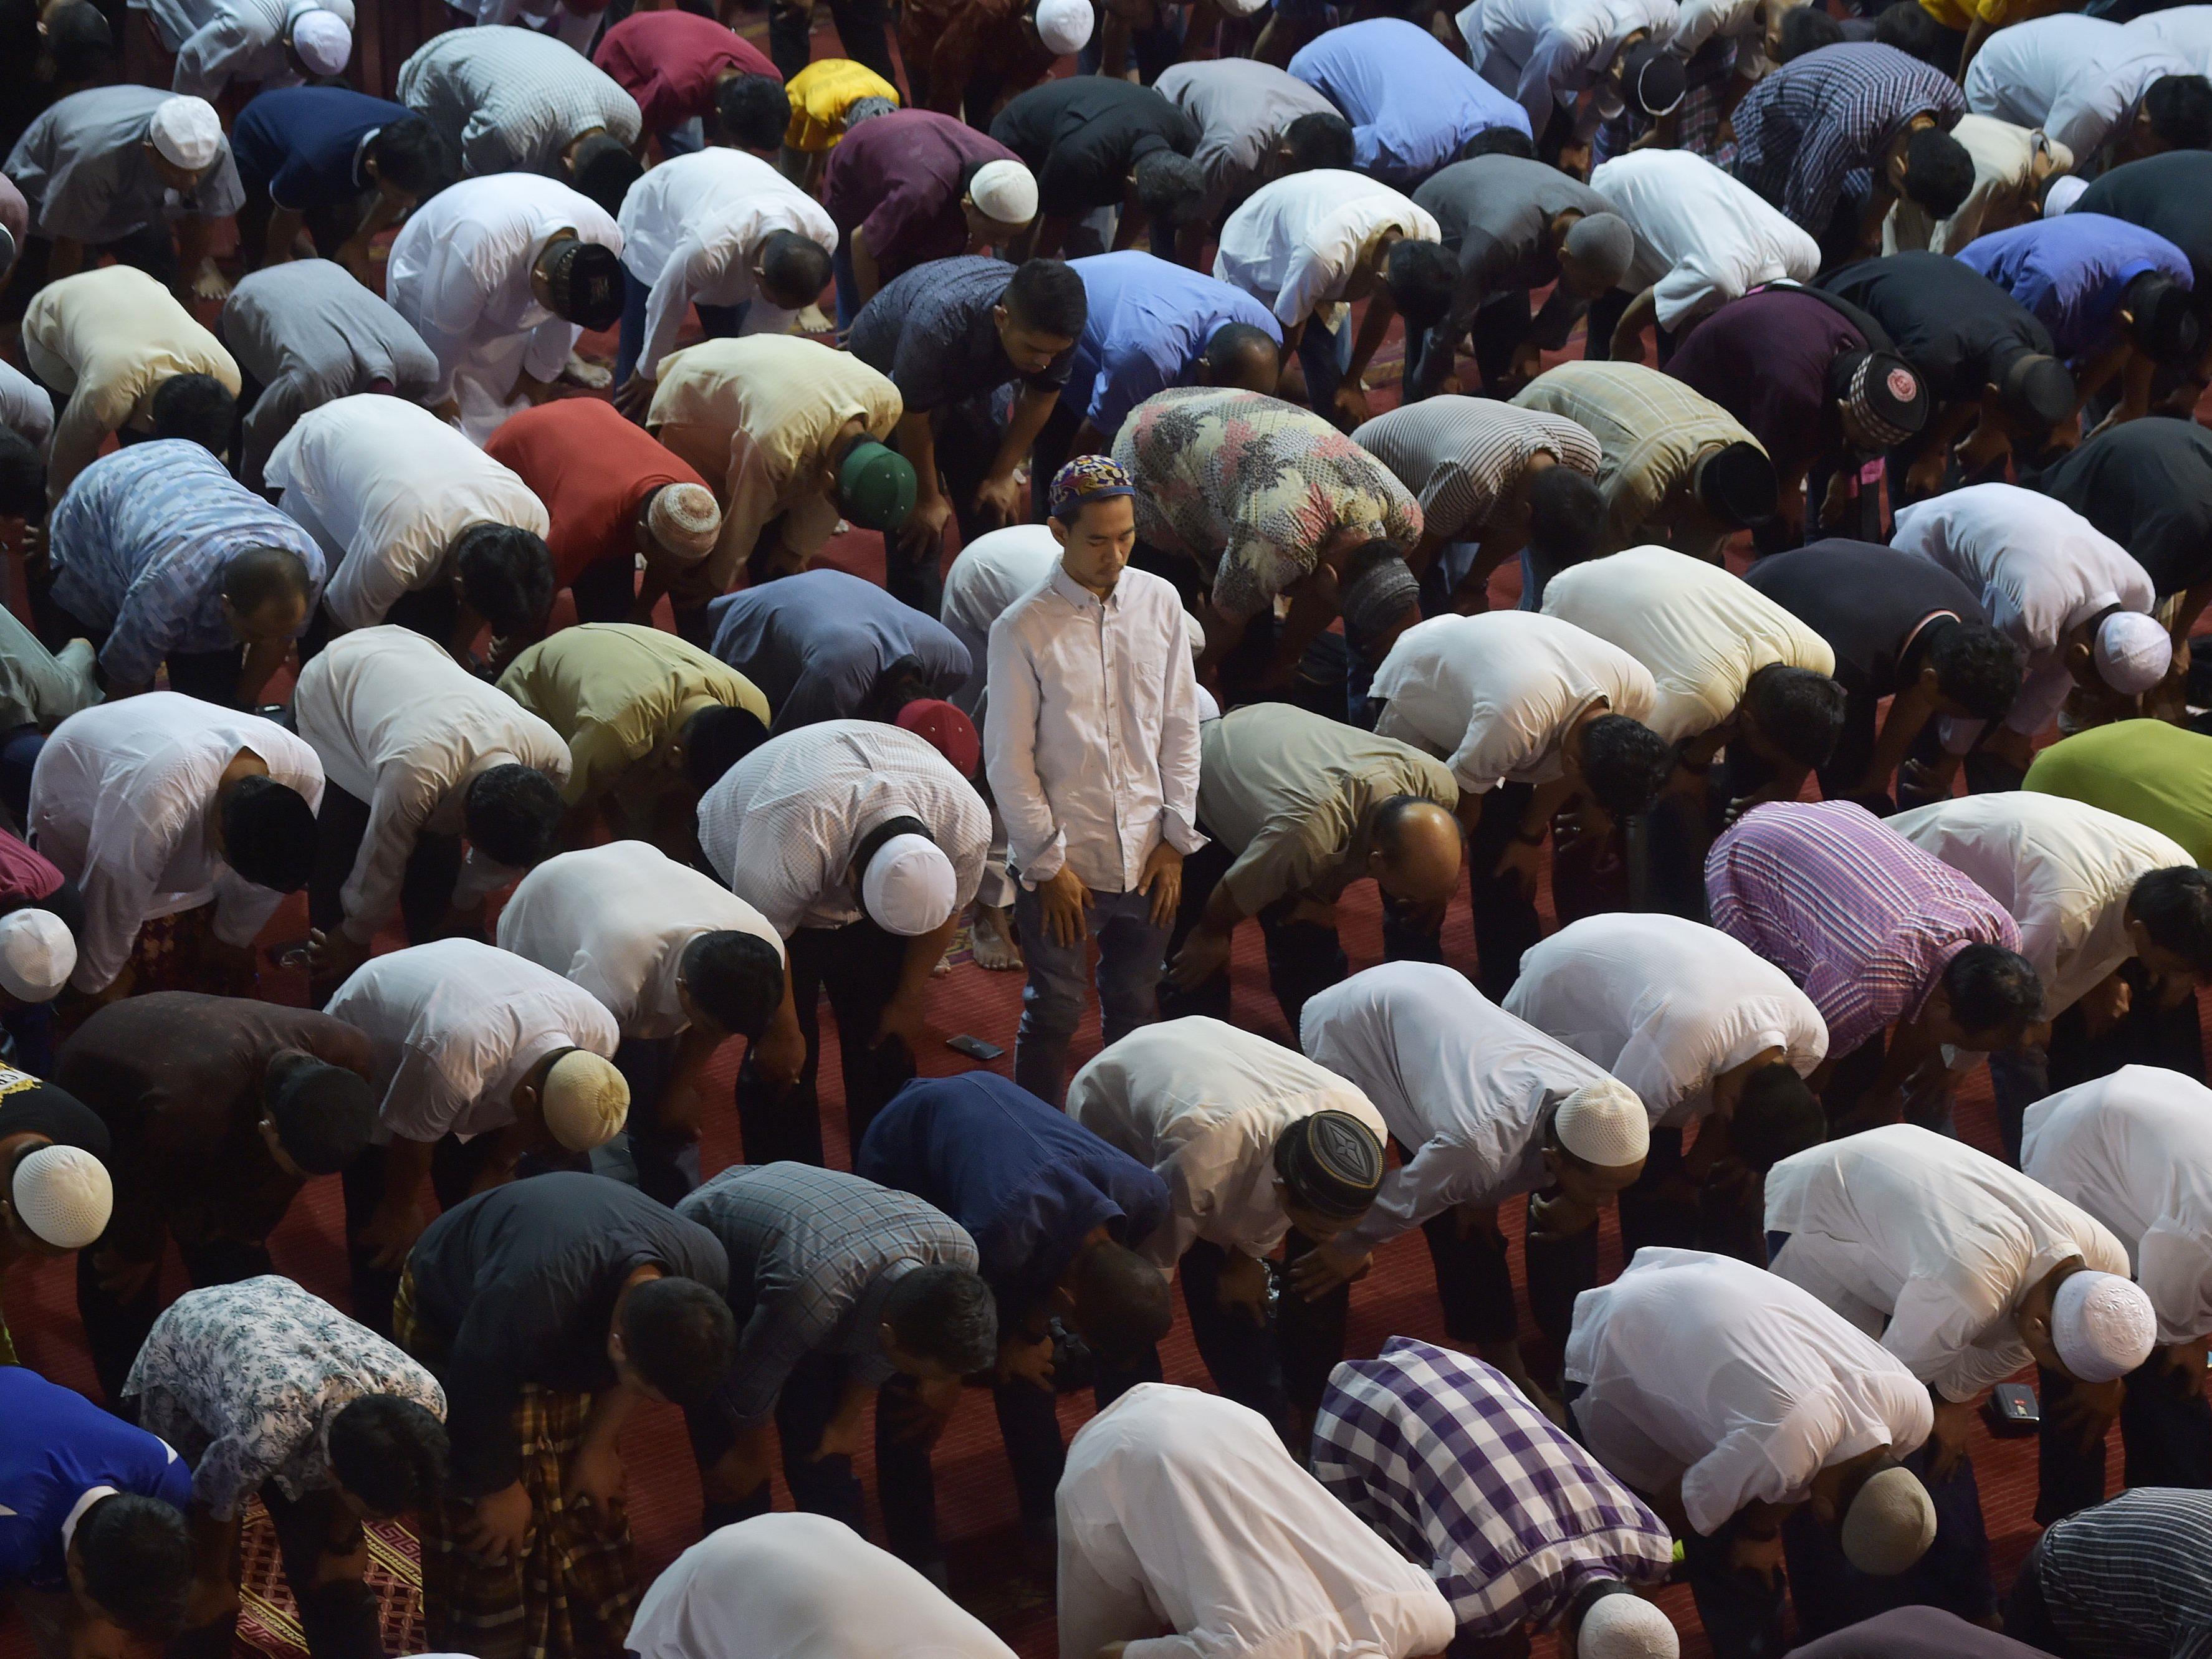 Neben dem Verzicht auf Genuss während des Tages, geht es im Ramadan auch um gemeinsames Beten.